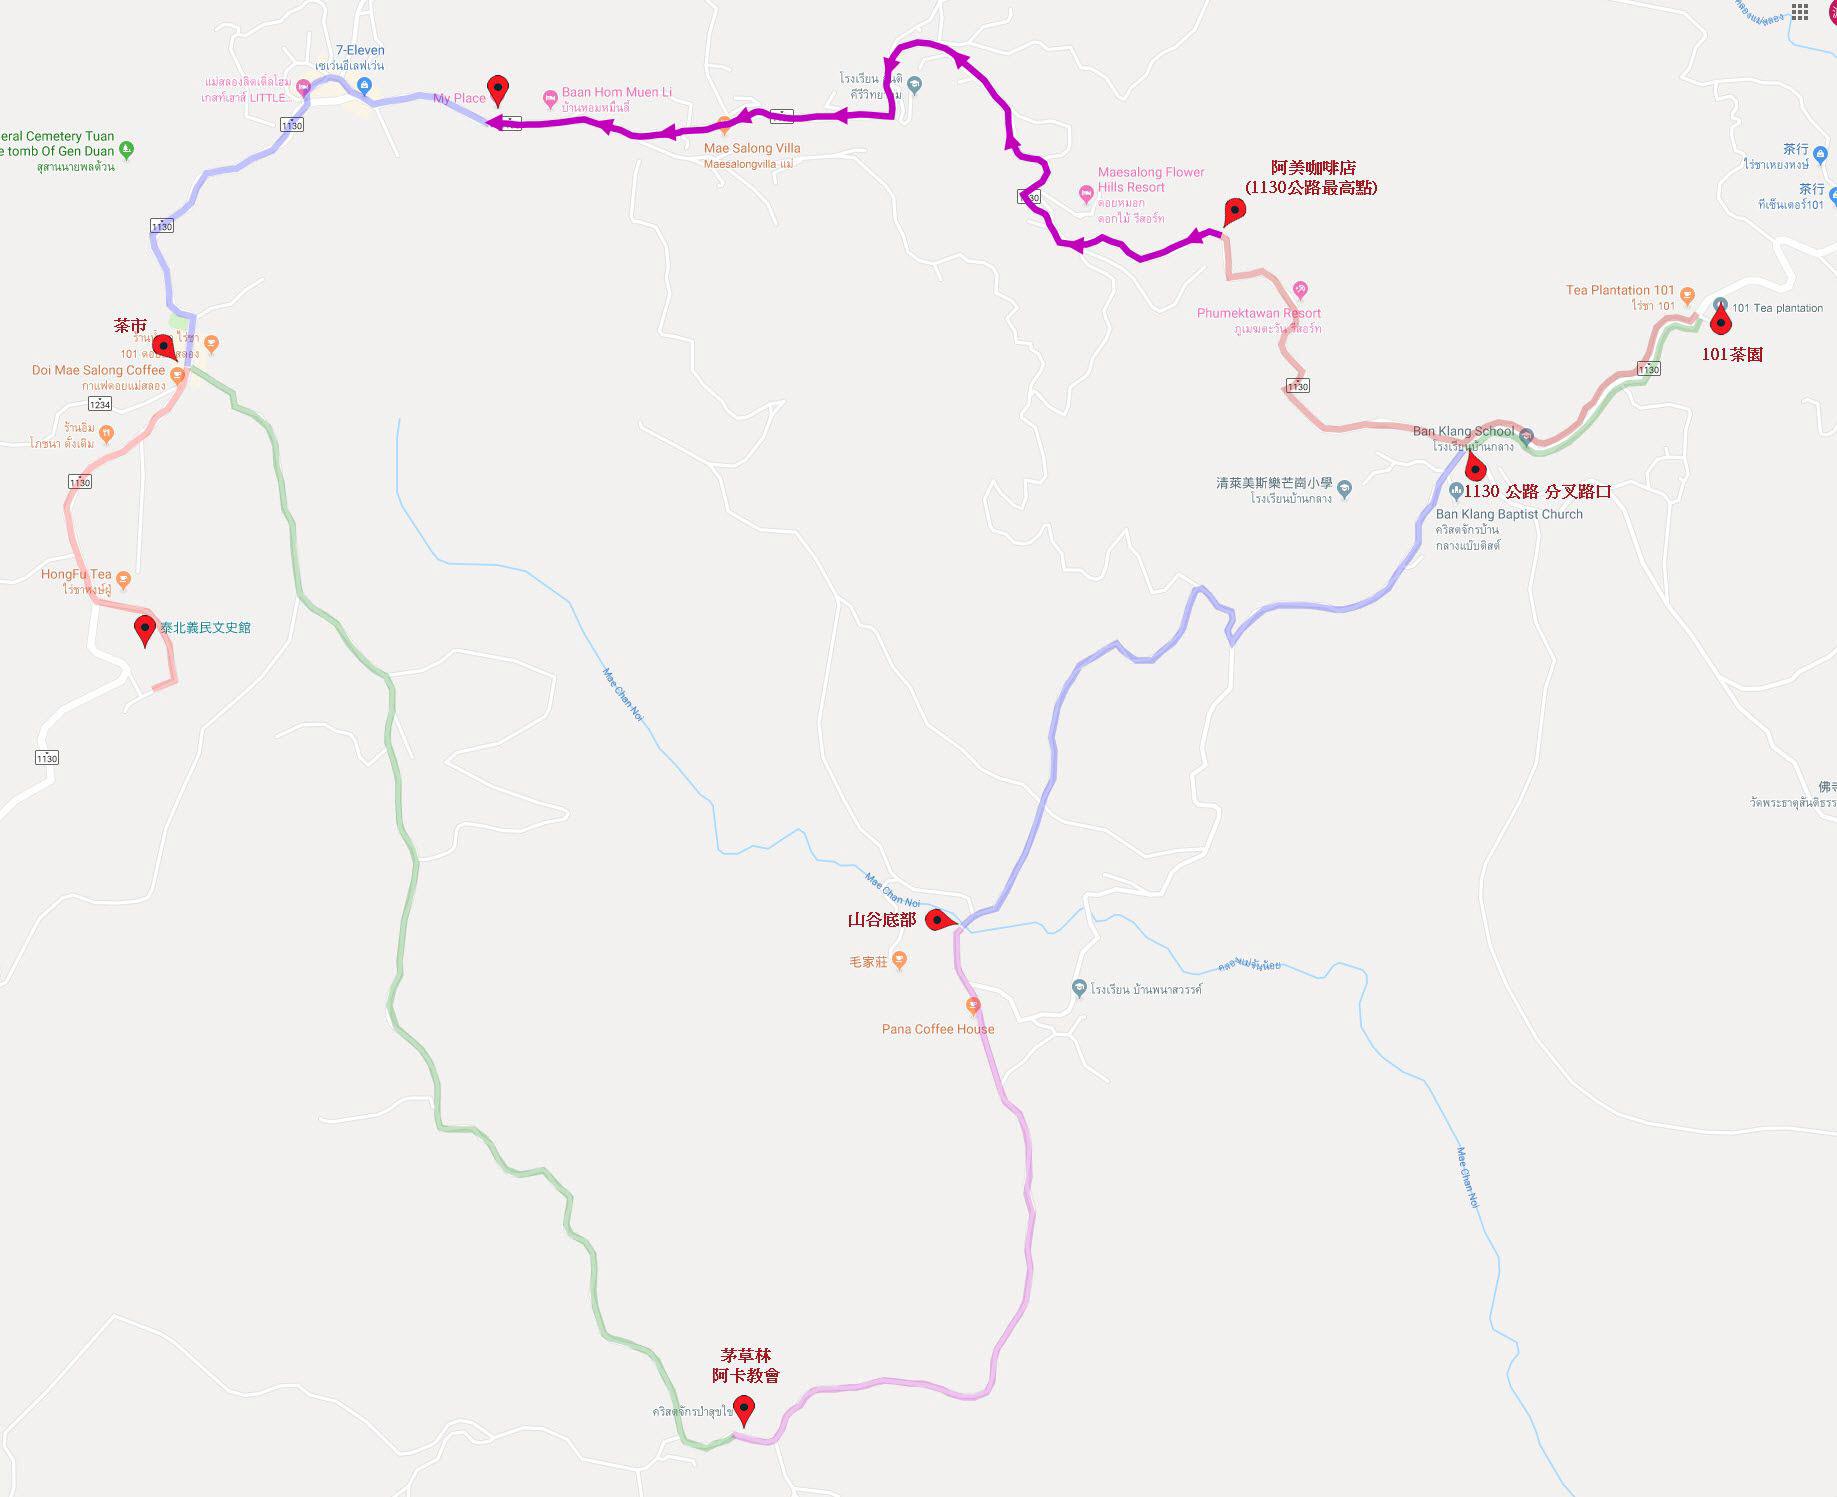 美斯樂攀山越谷遠足路線 第八段